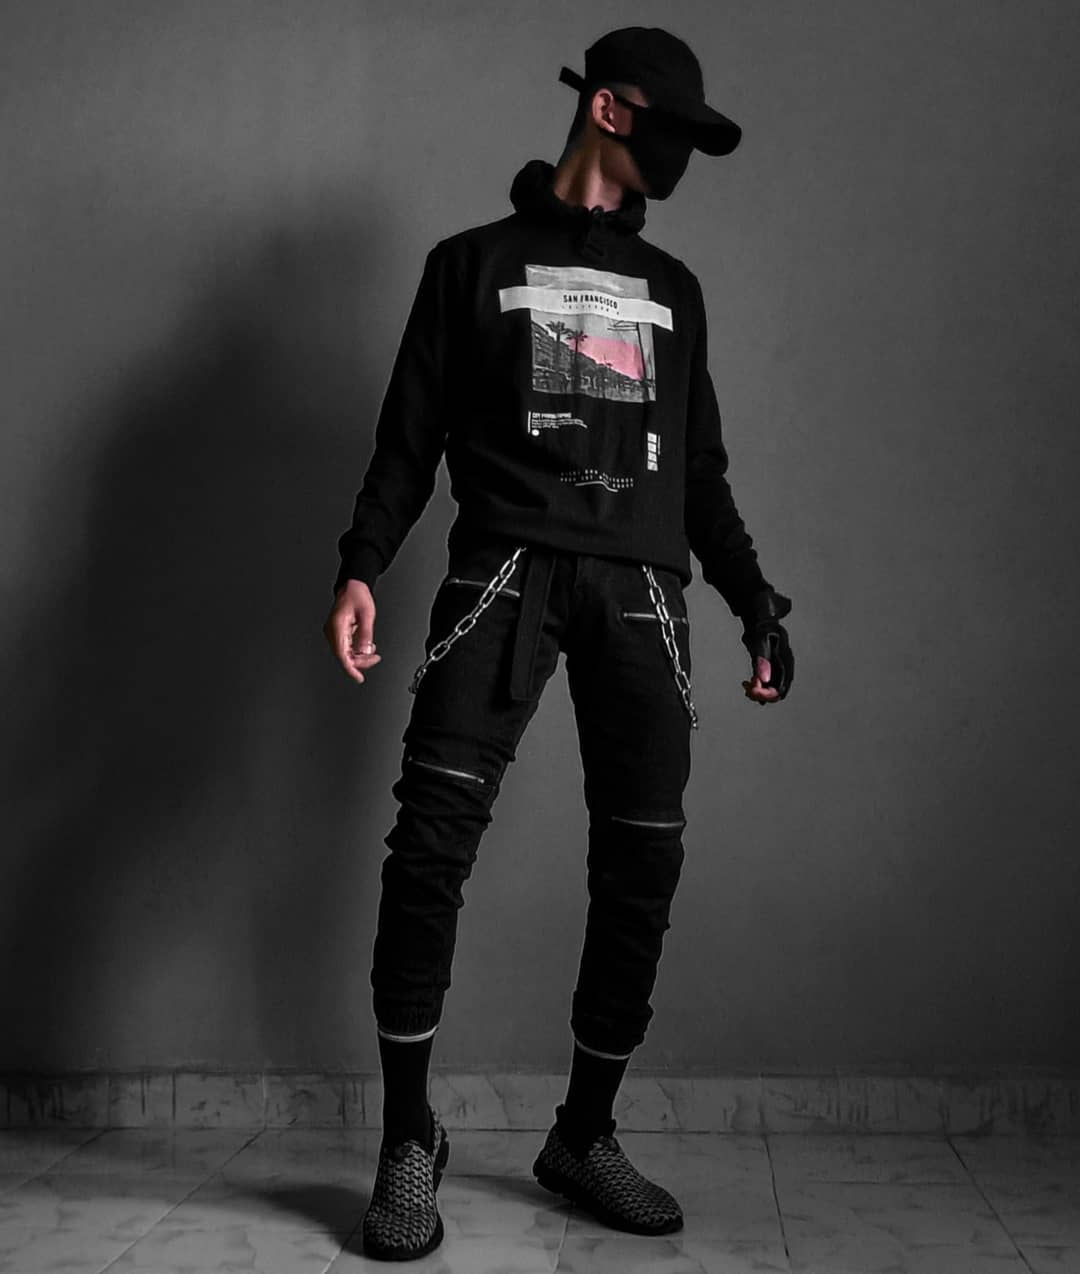 Streetwear Techwear -cxlsias_cx